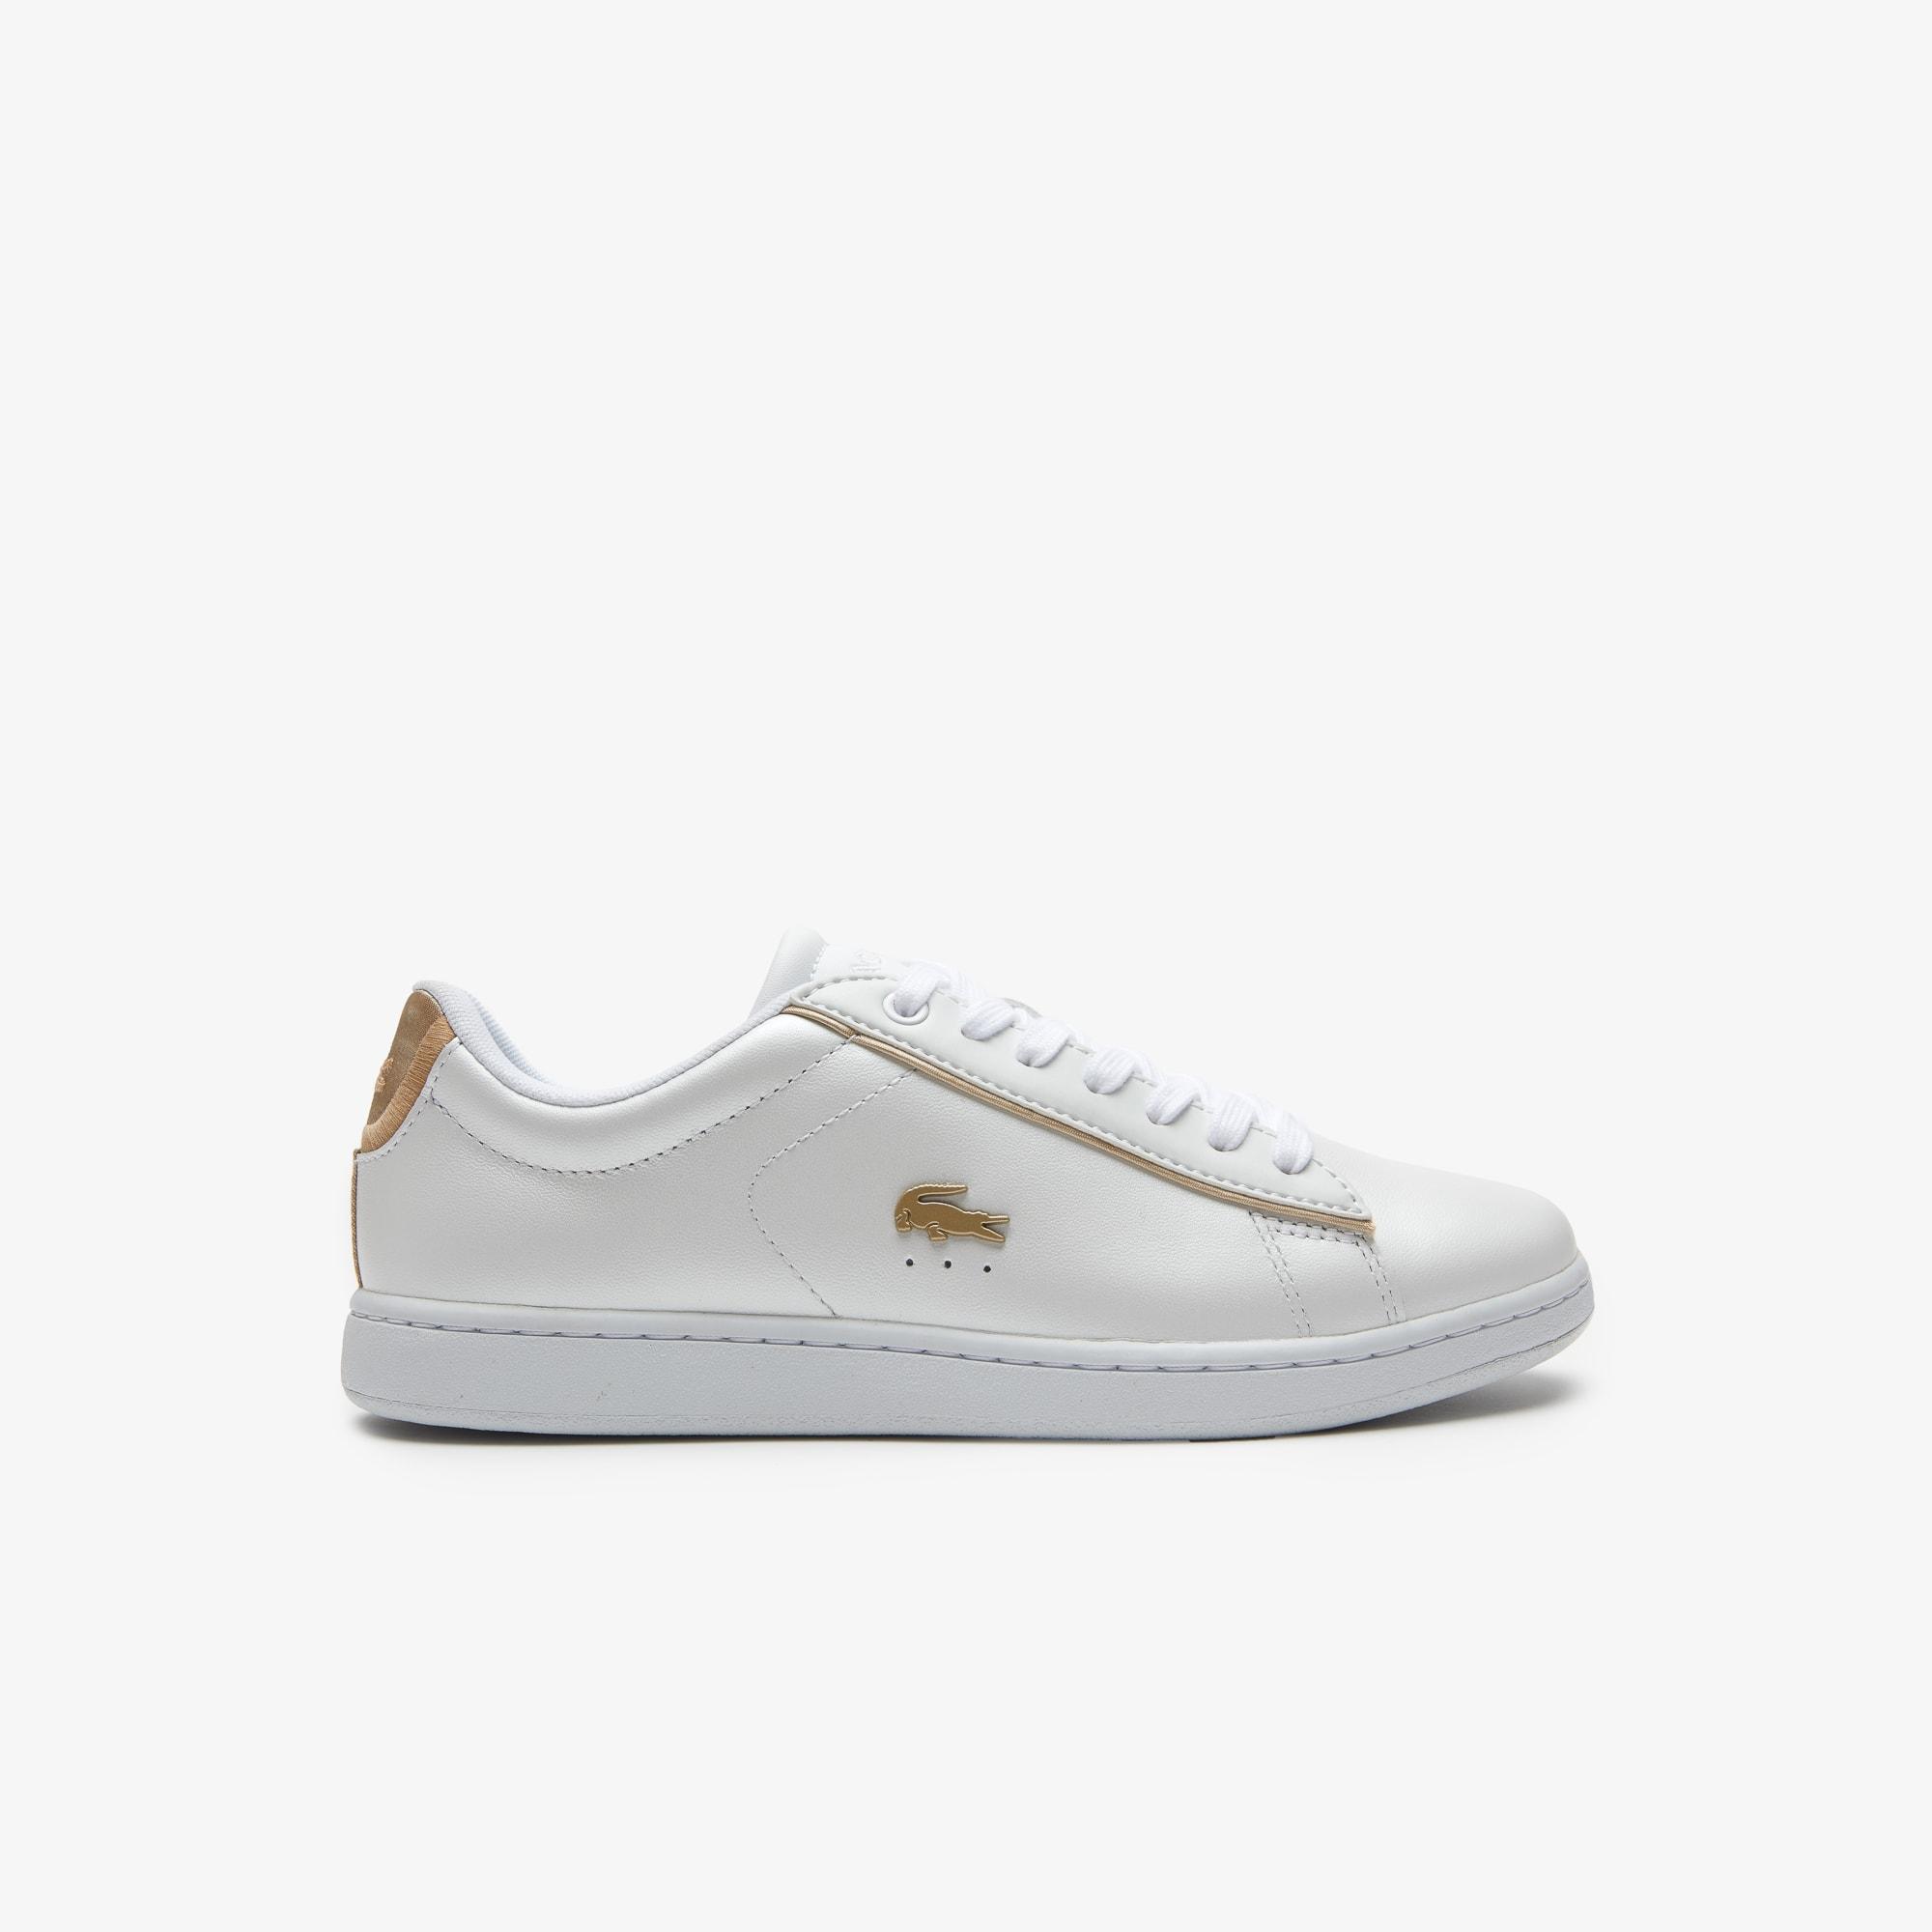 Damen-Sneakers CARNABY EVO aus Leder mit Perlglanz-Effekt